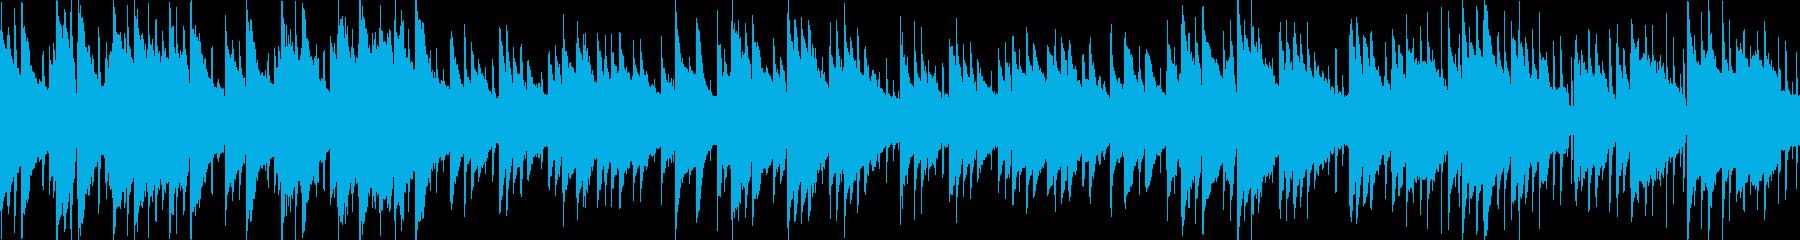 穏やかで優しい映像用音楽の再生済みの波形